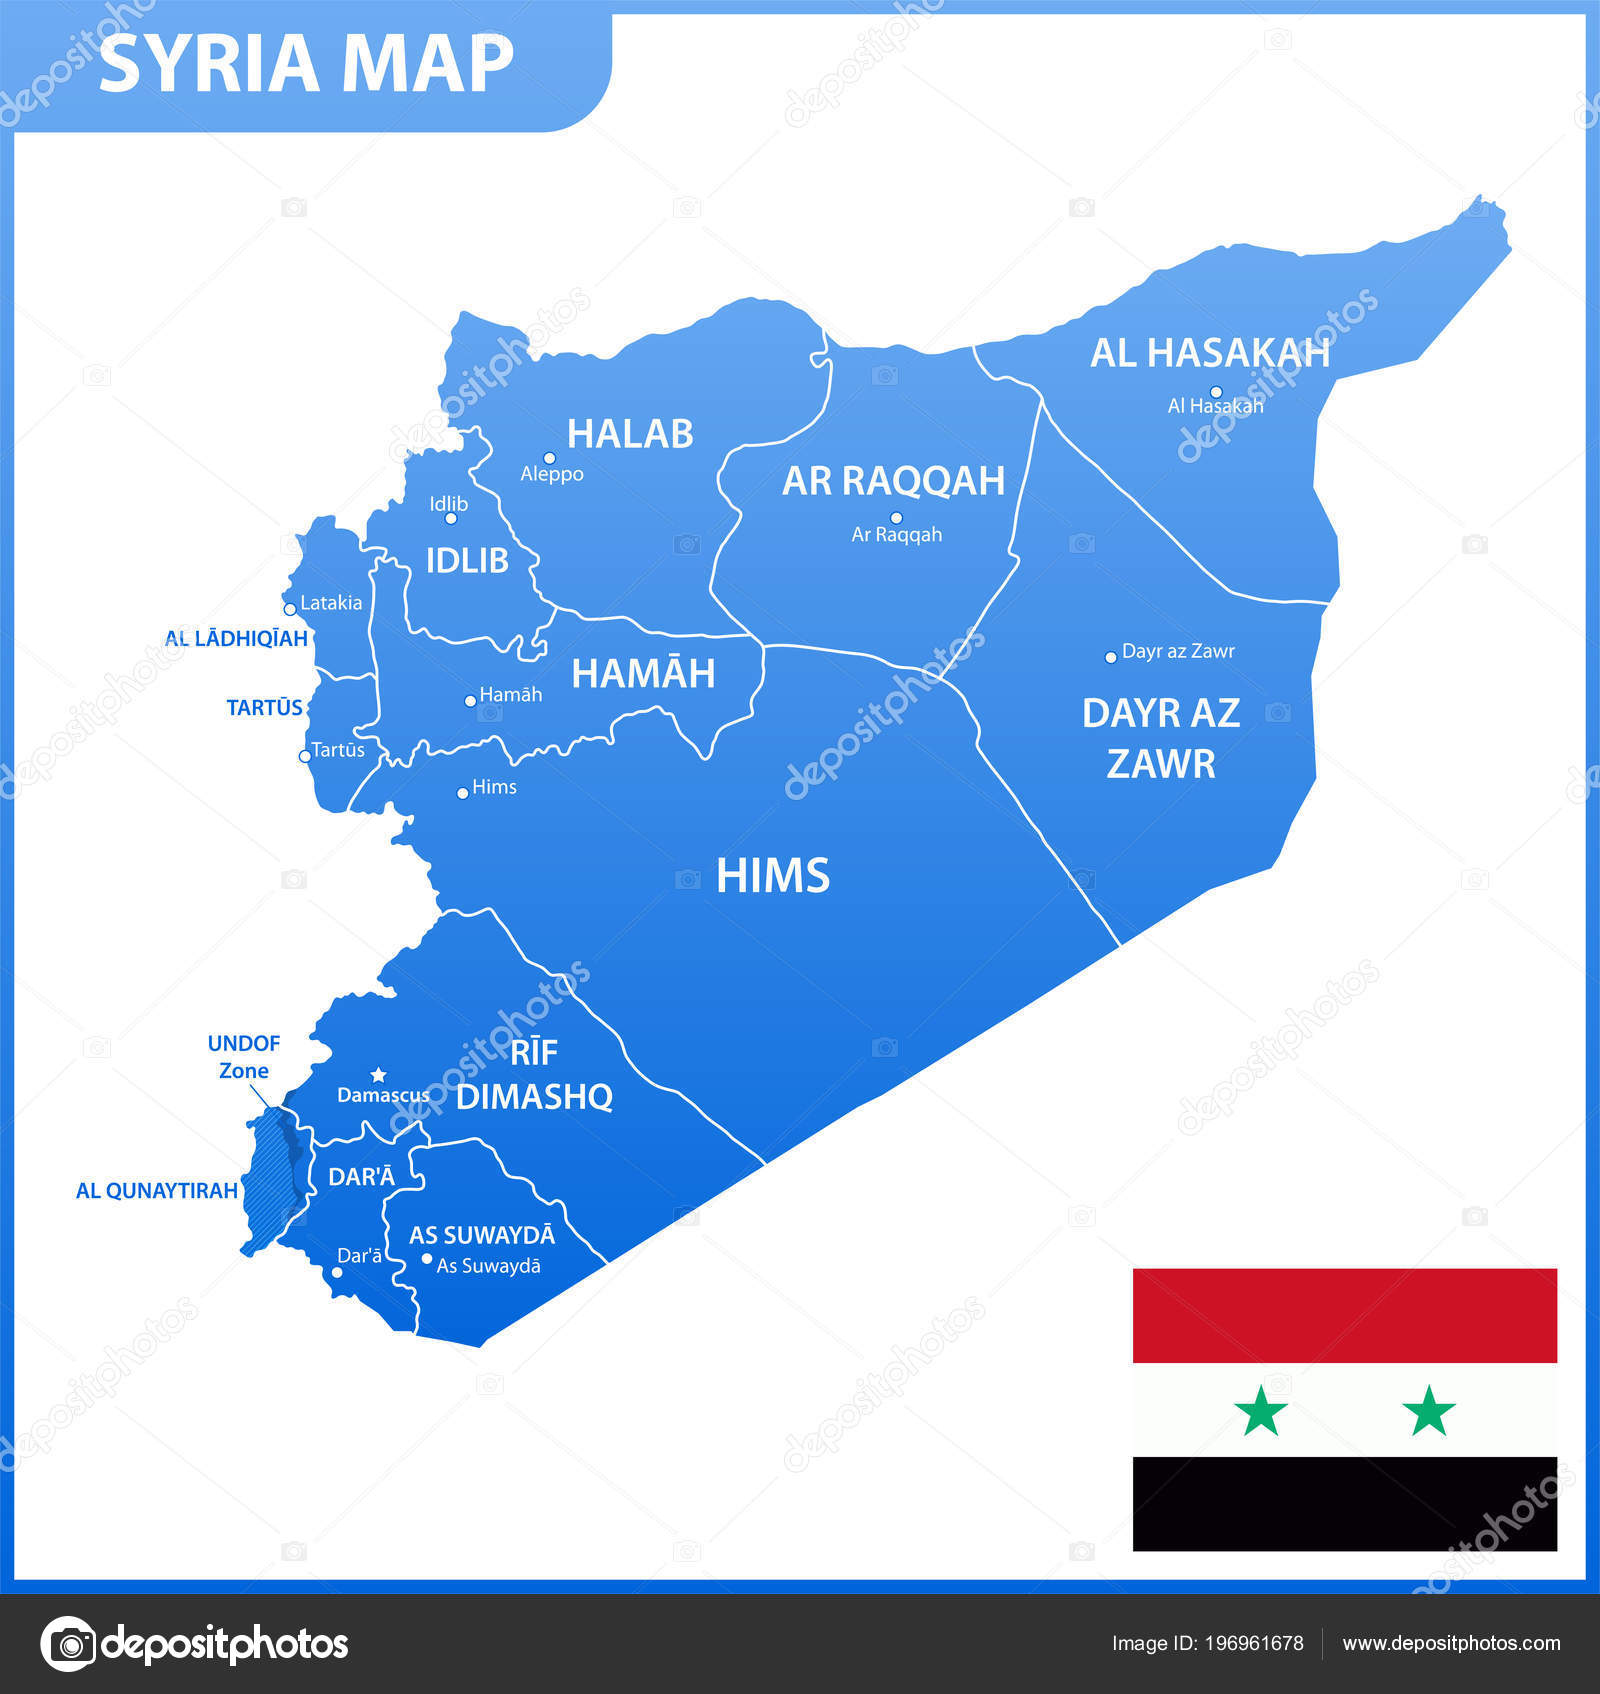 Syrien Karte Mit Städten.Die Detaillierte Karte Von Syrien Mit Den Regionen Oder Staaten